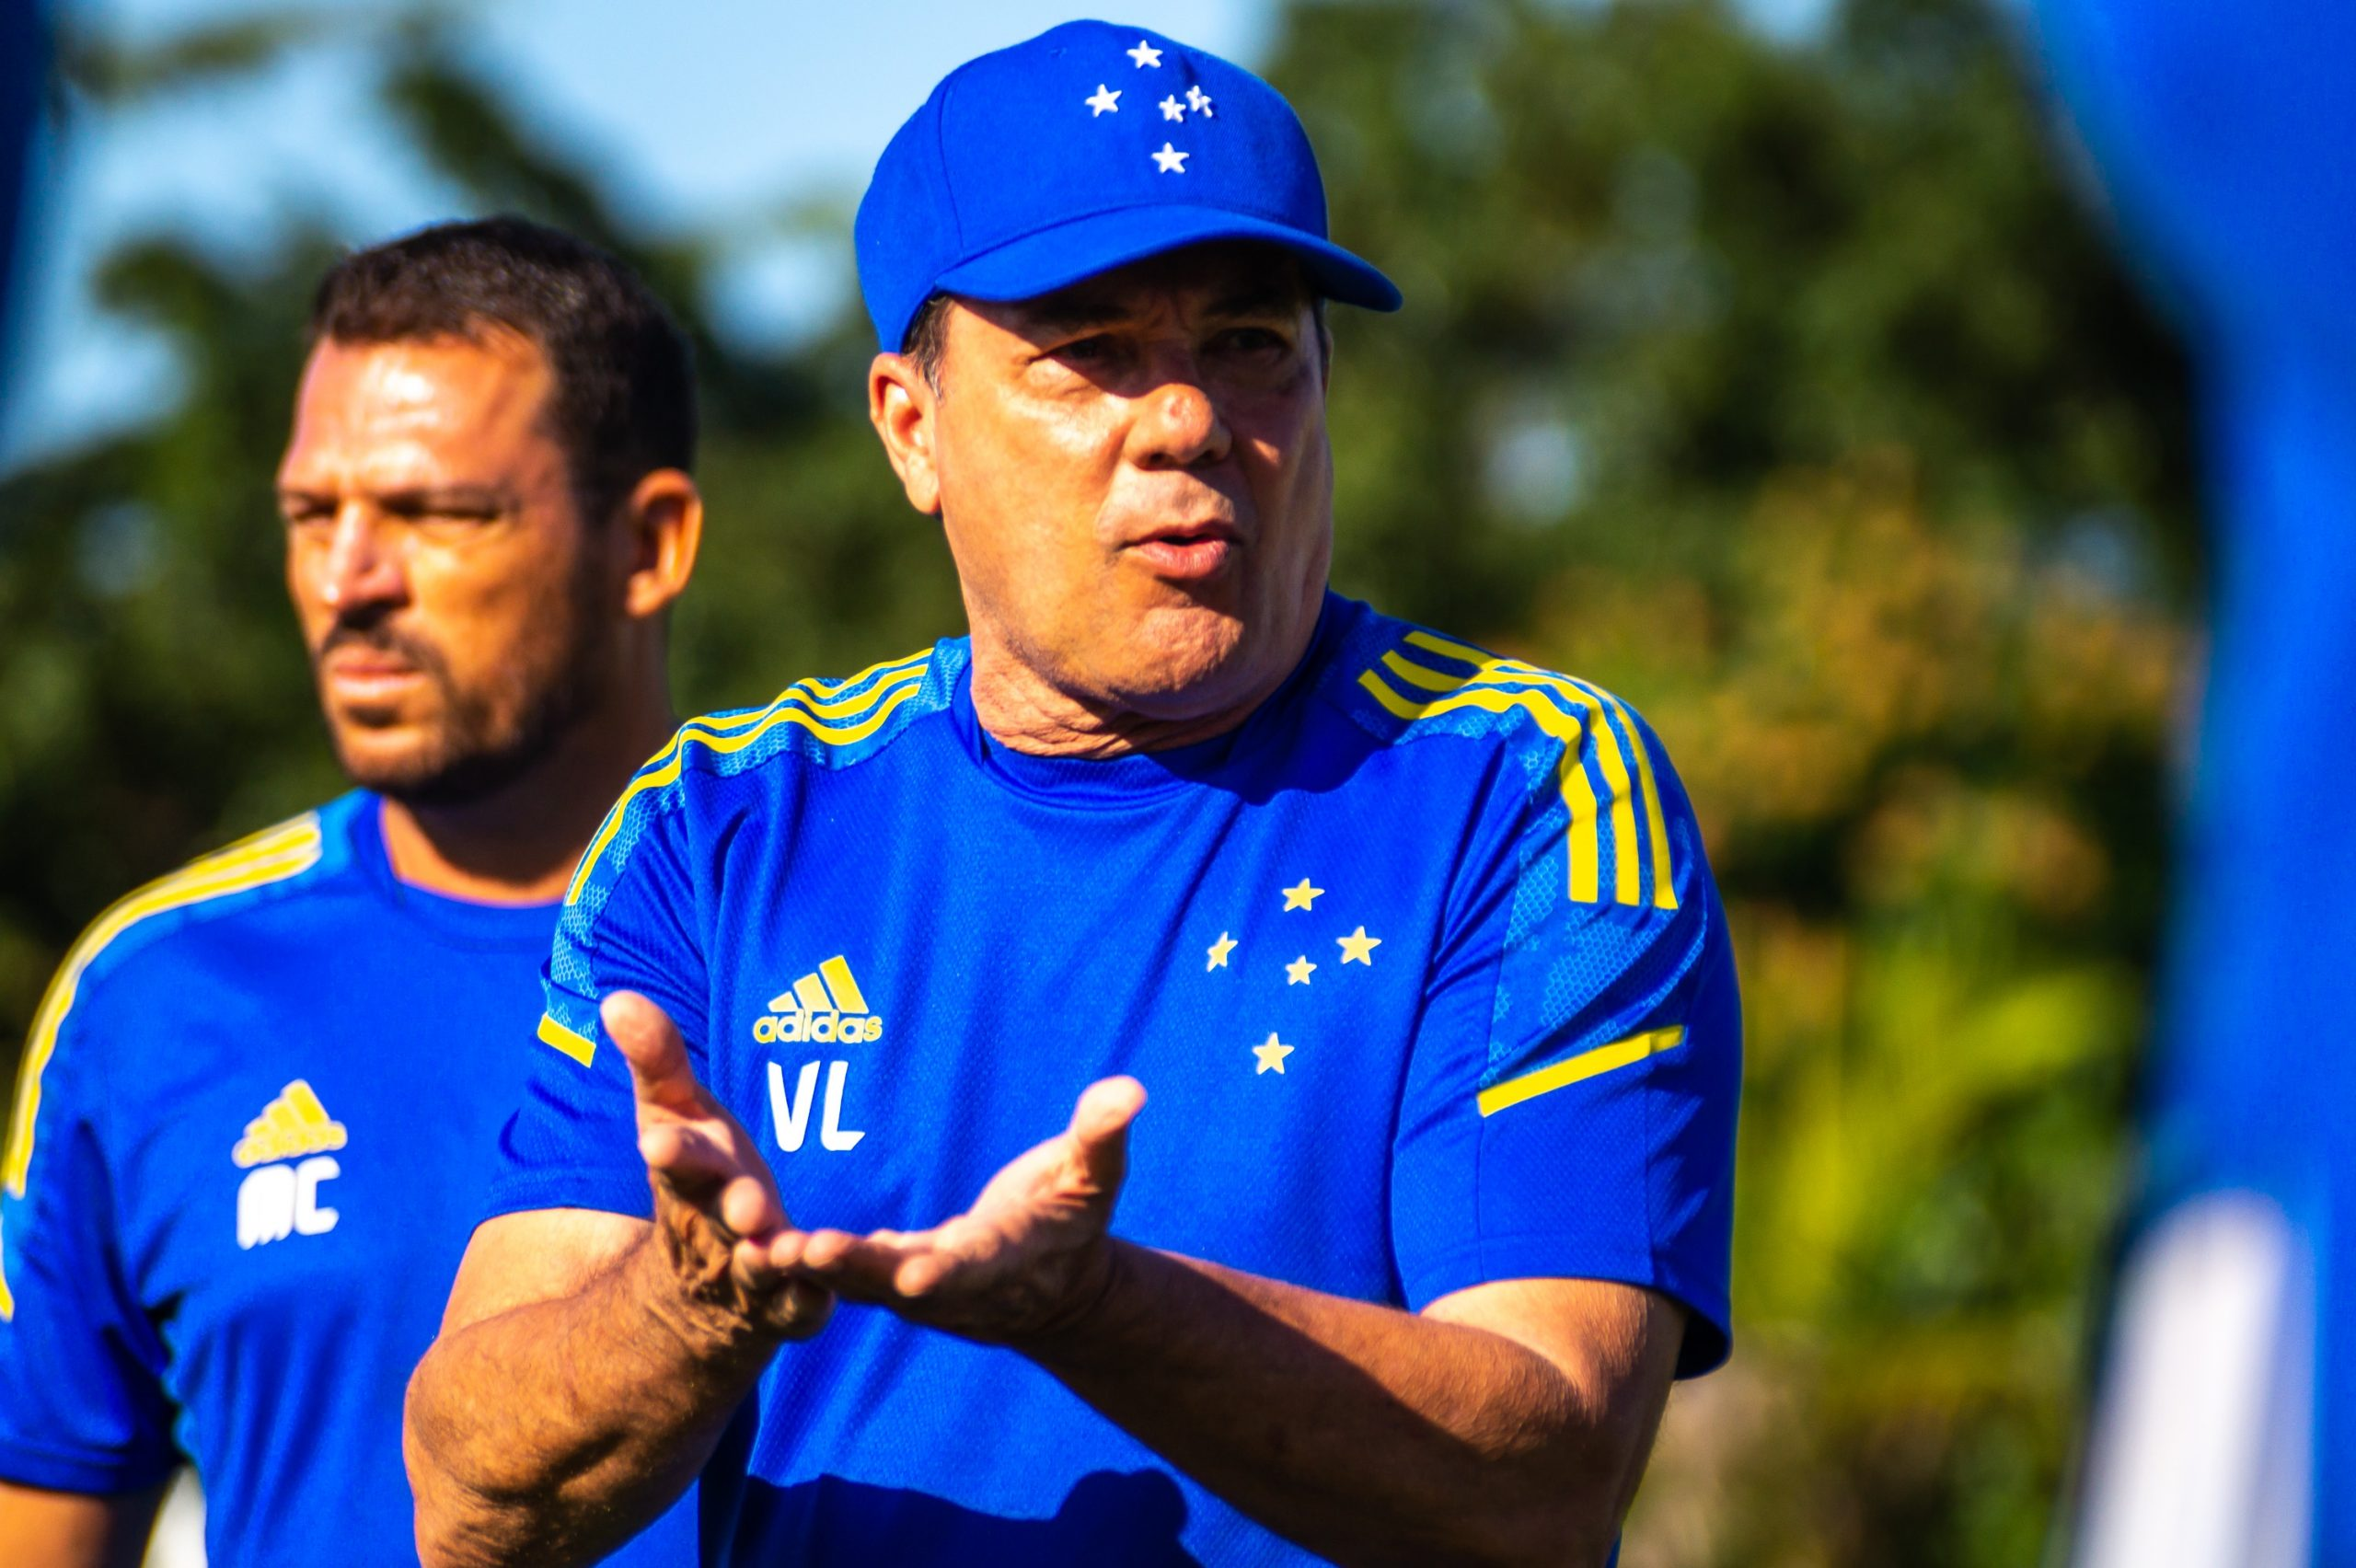 Um mês de Luxa no Cruzeiro: três vitórias, ajuste na defesa e busca pelo acesso à Série A